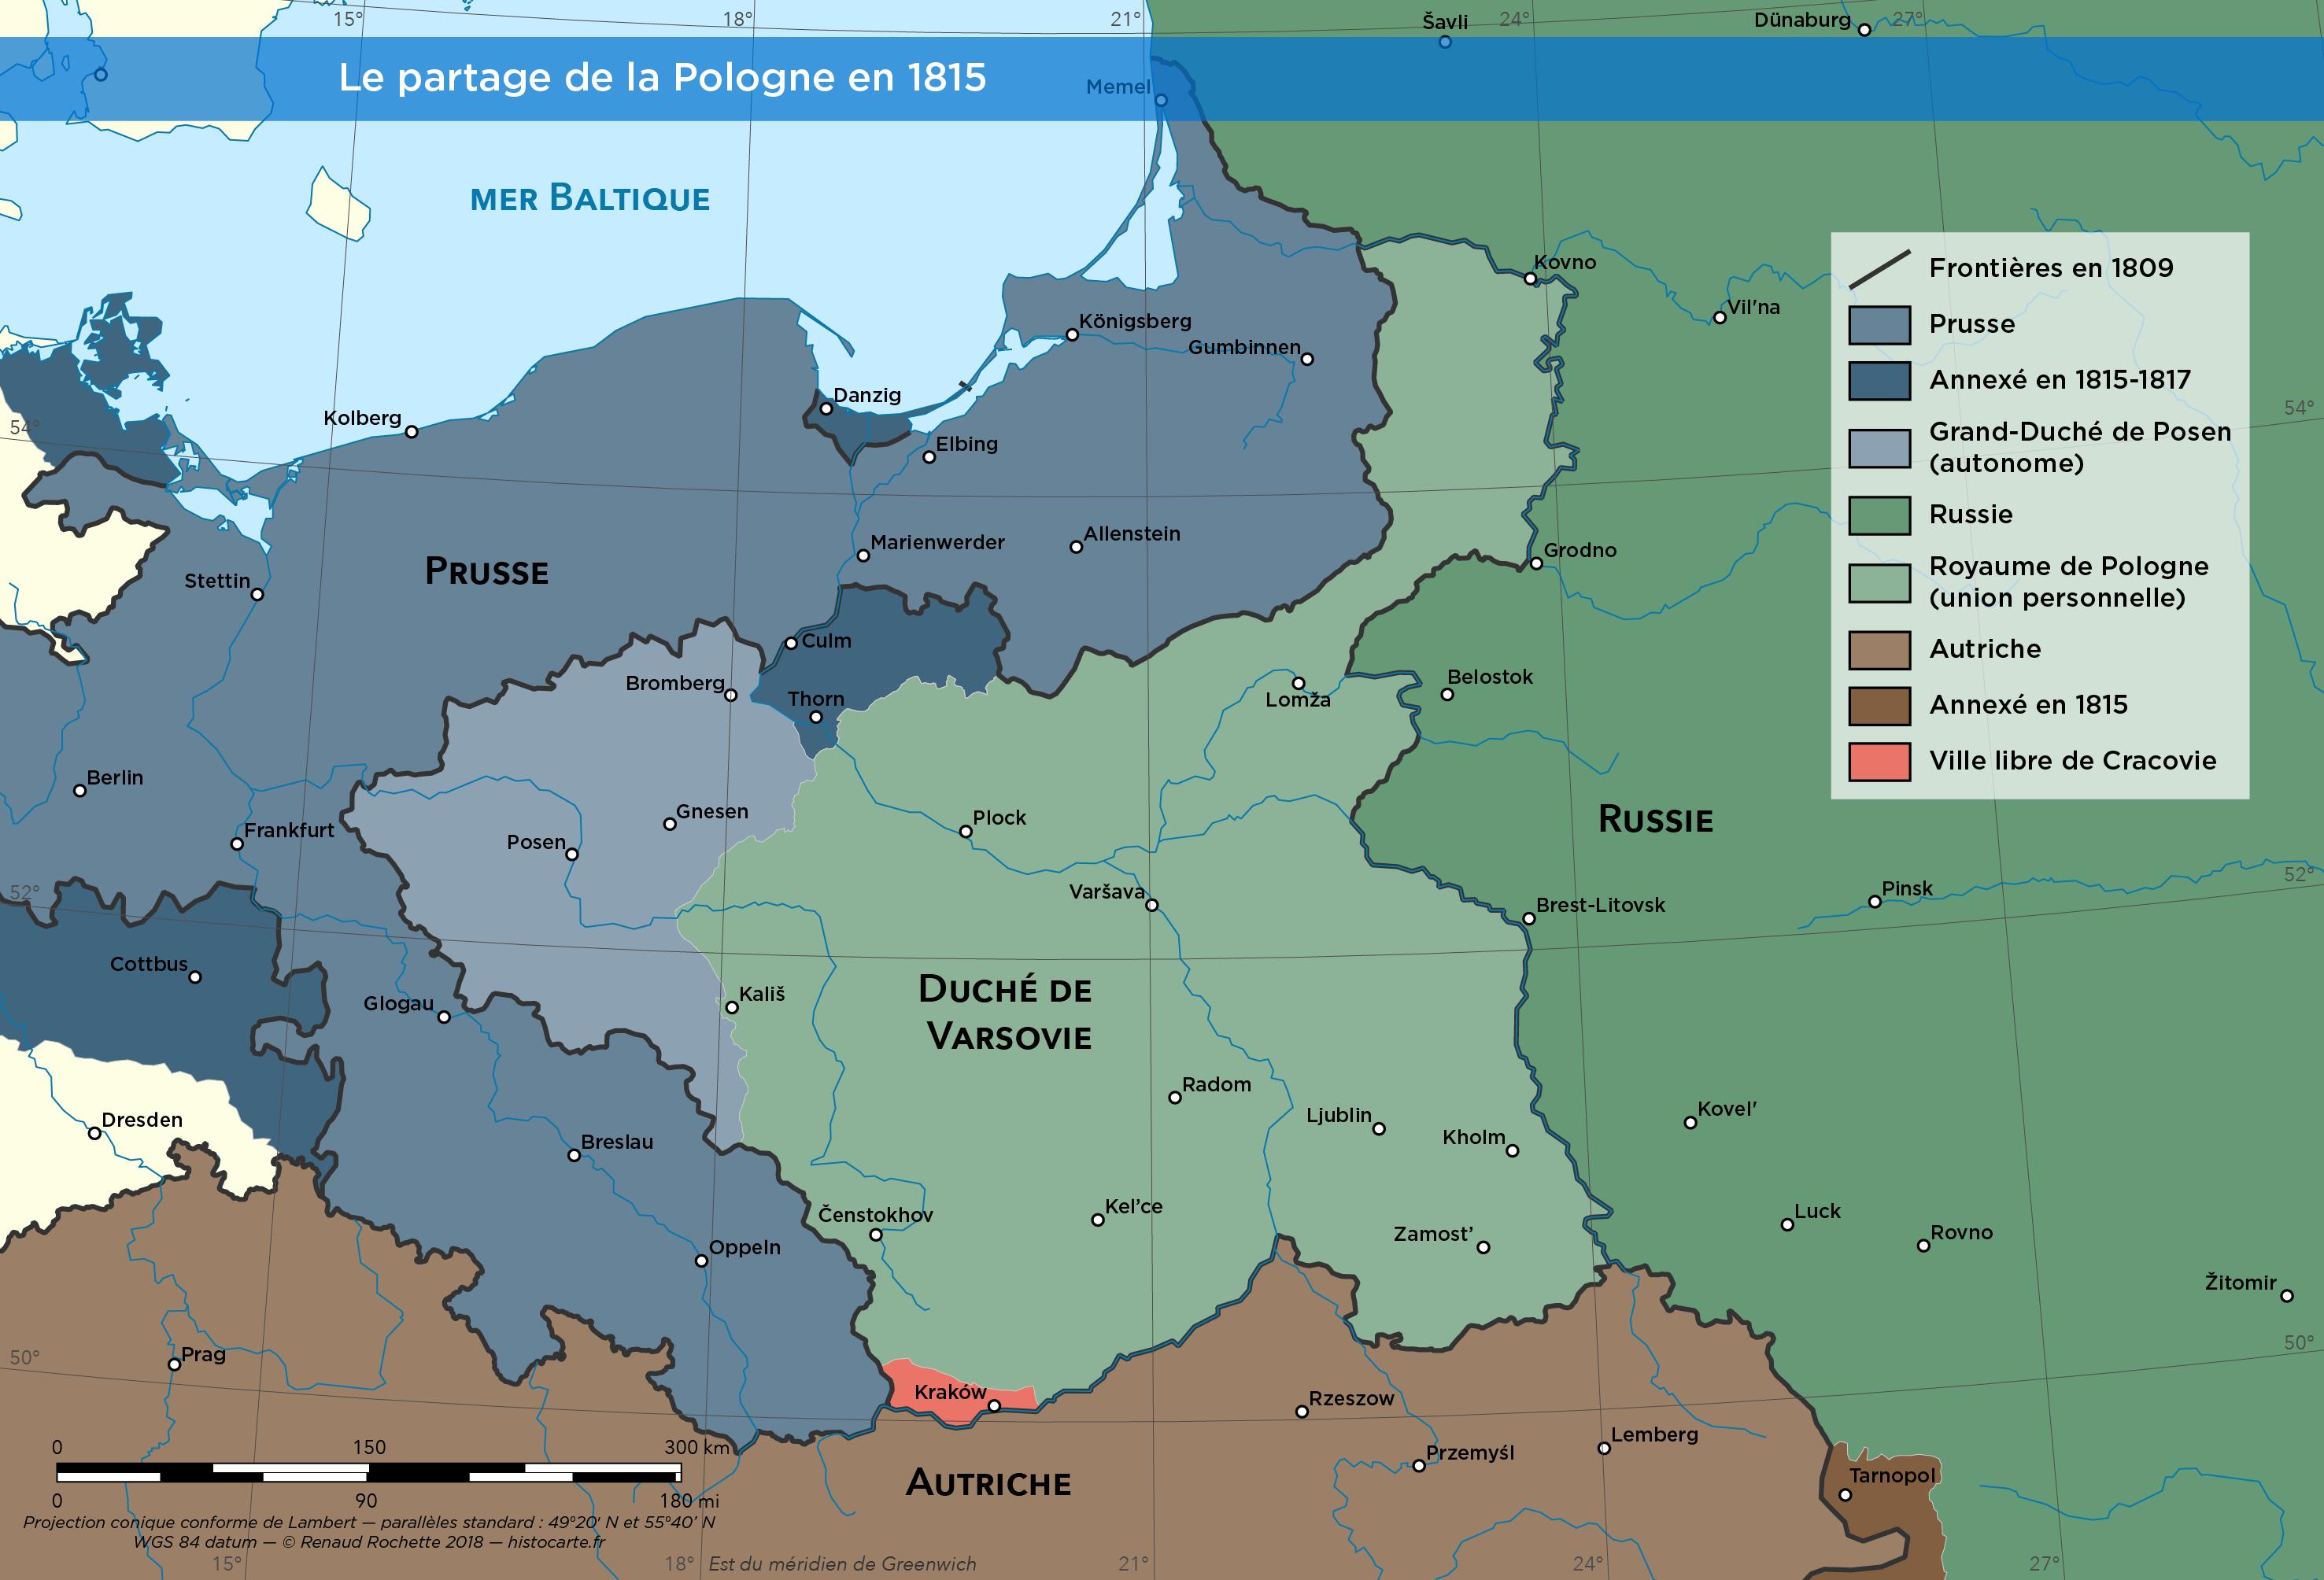 La Pologne en 1815